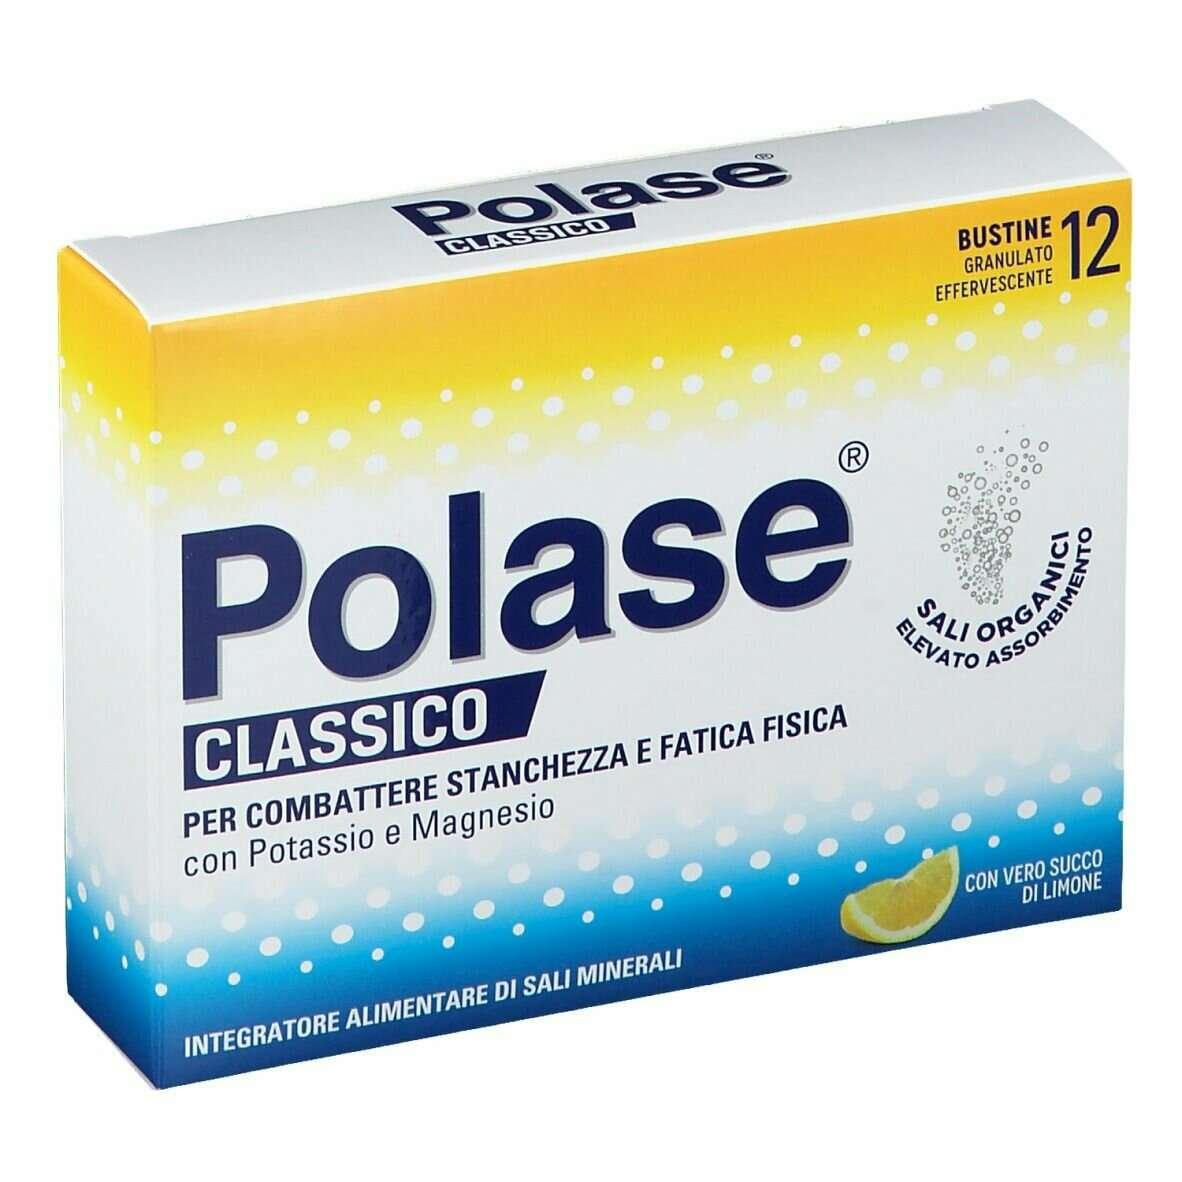 Polase - Gusto Limone - 12 Buste